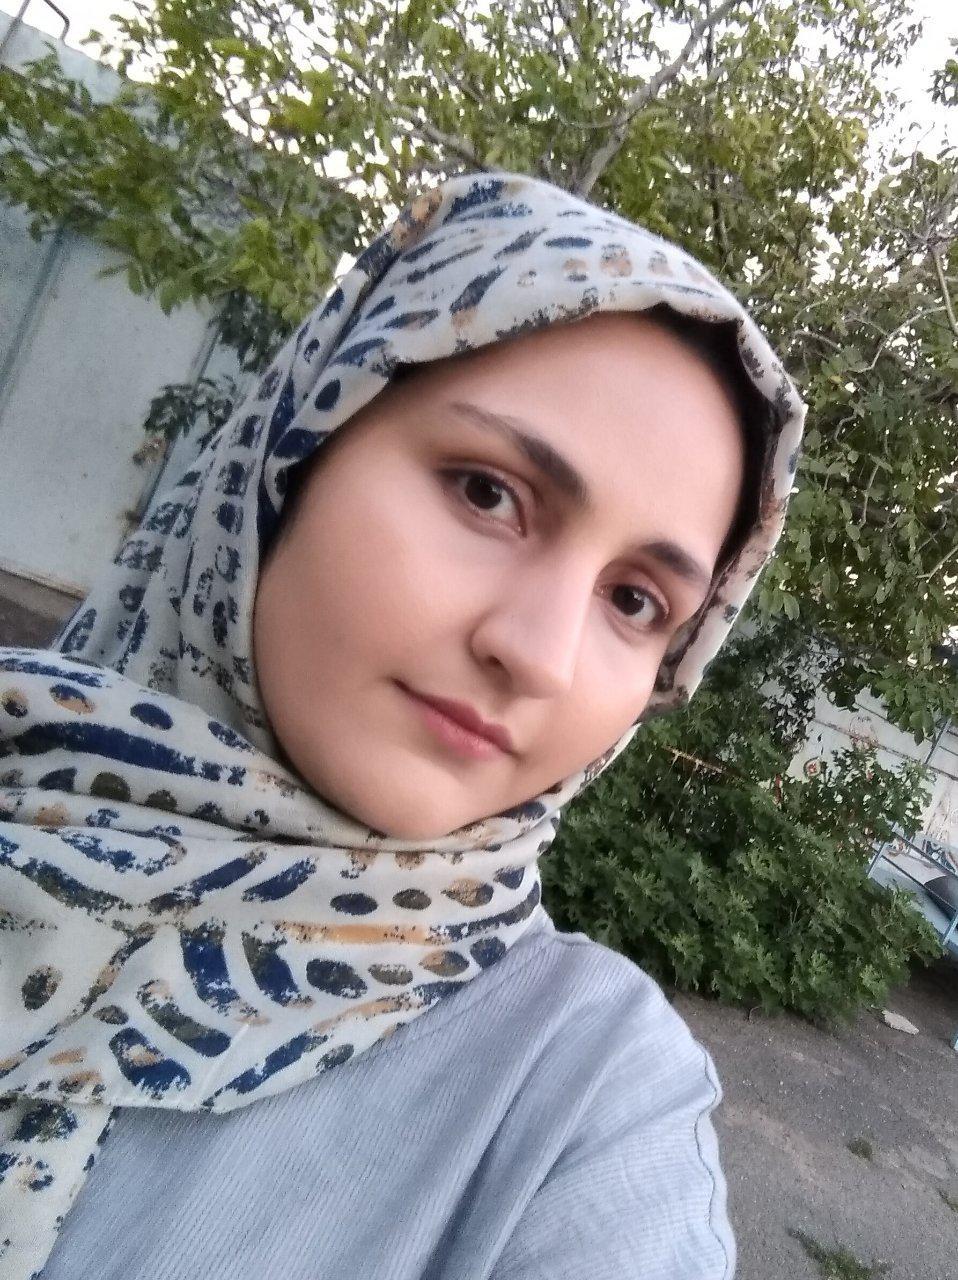 سعیده نعمت حسینی